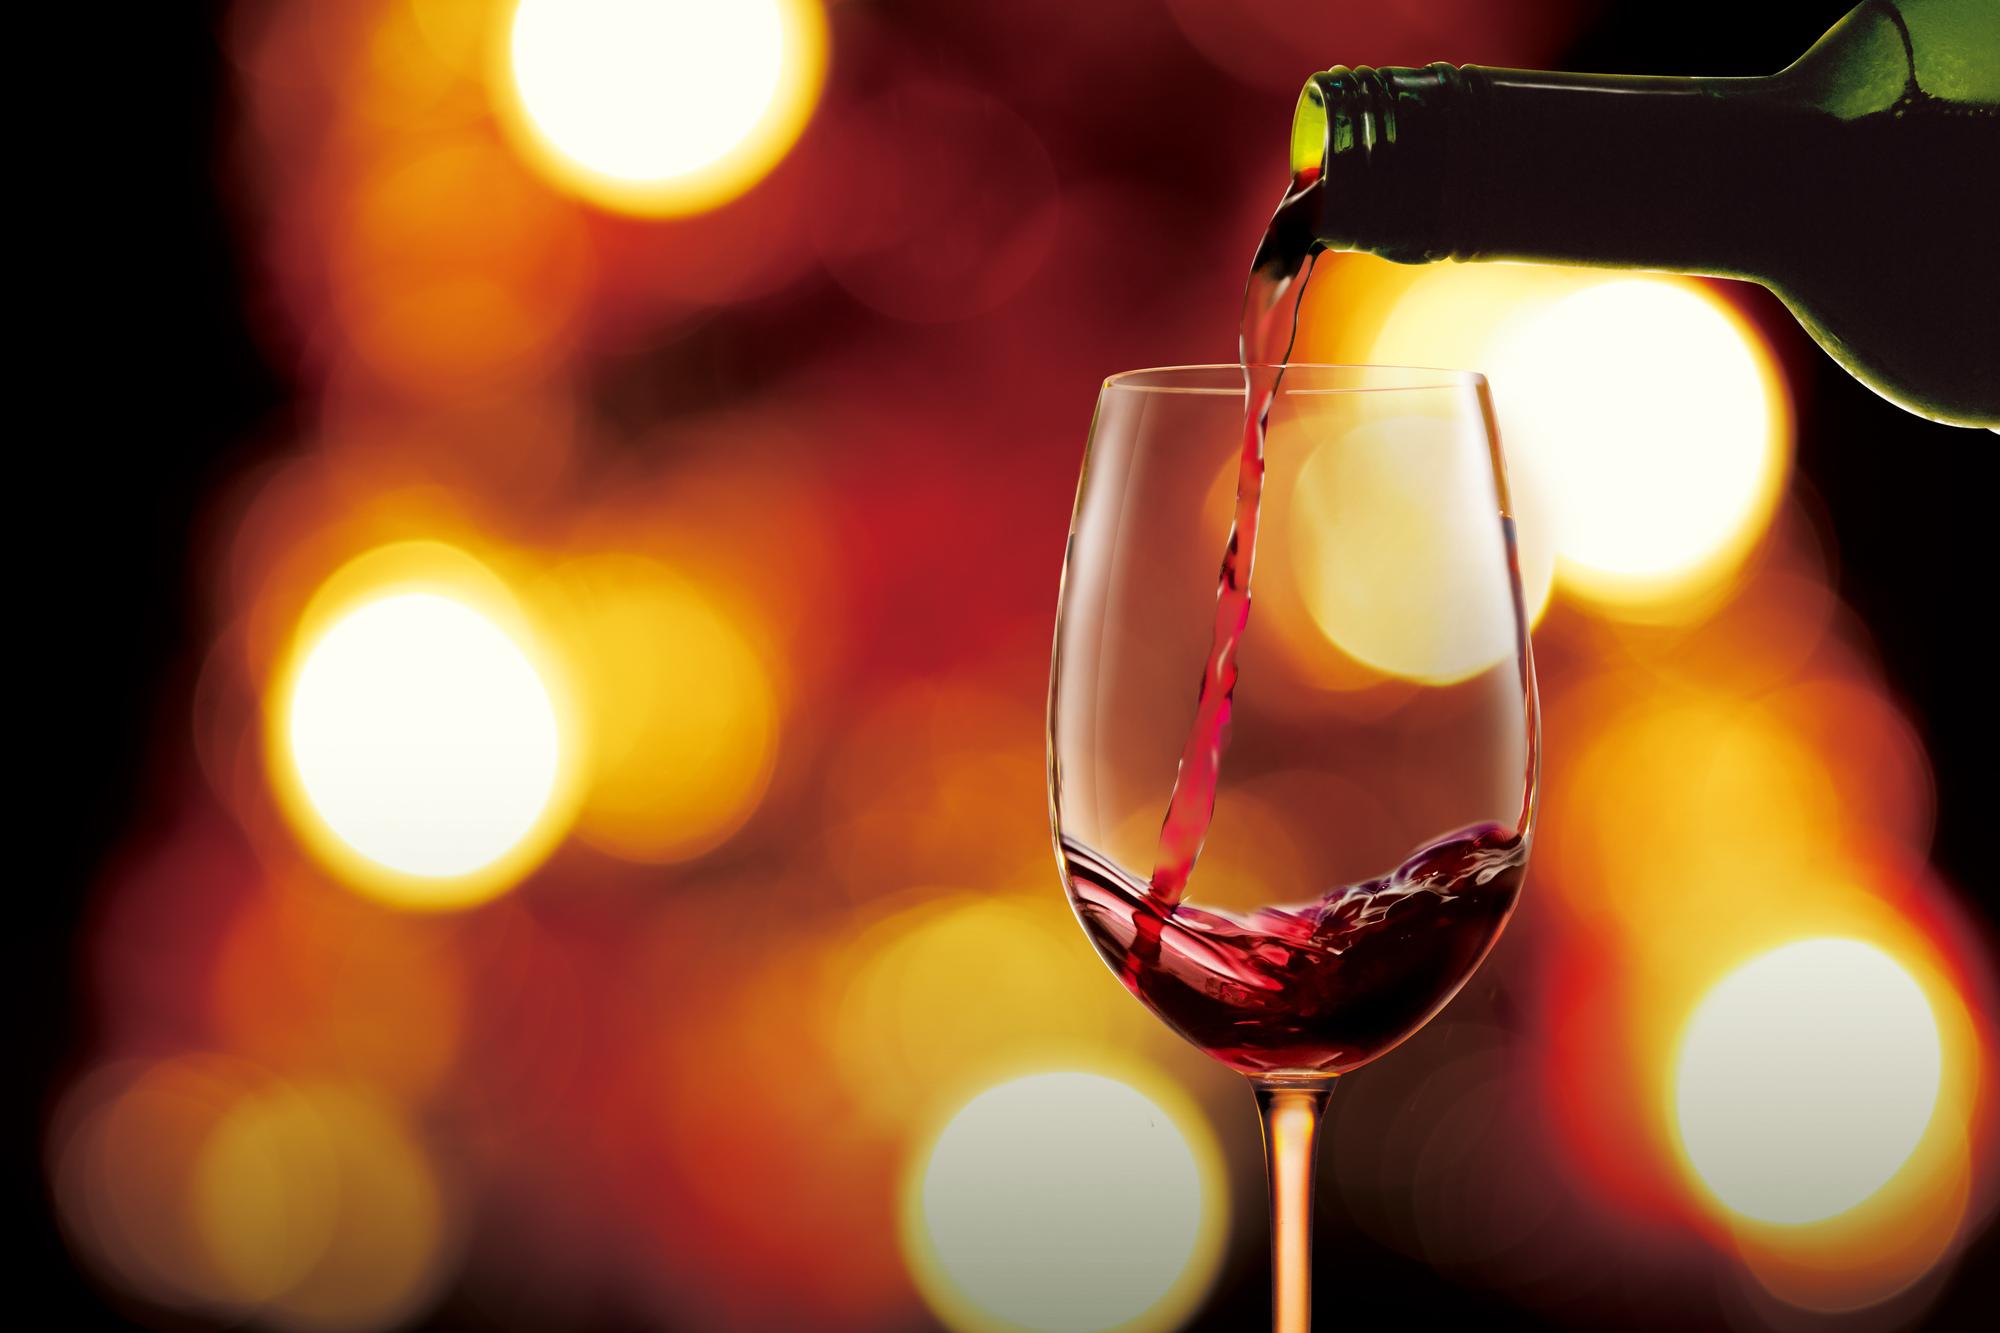 ワインの注ぎ方のコツとは?泡立てない注ぎ方とは?